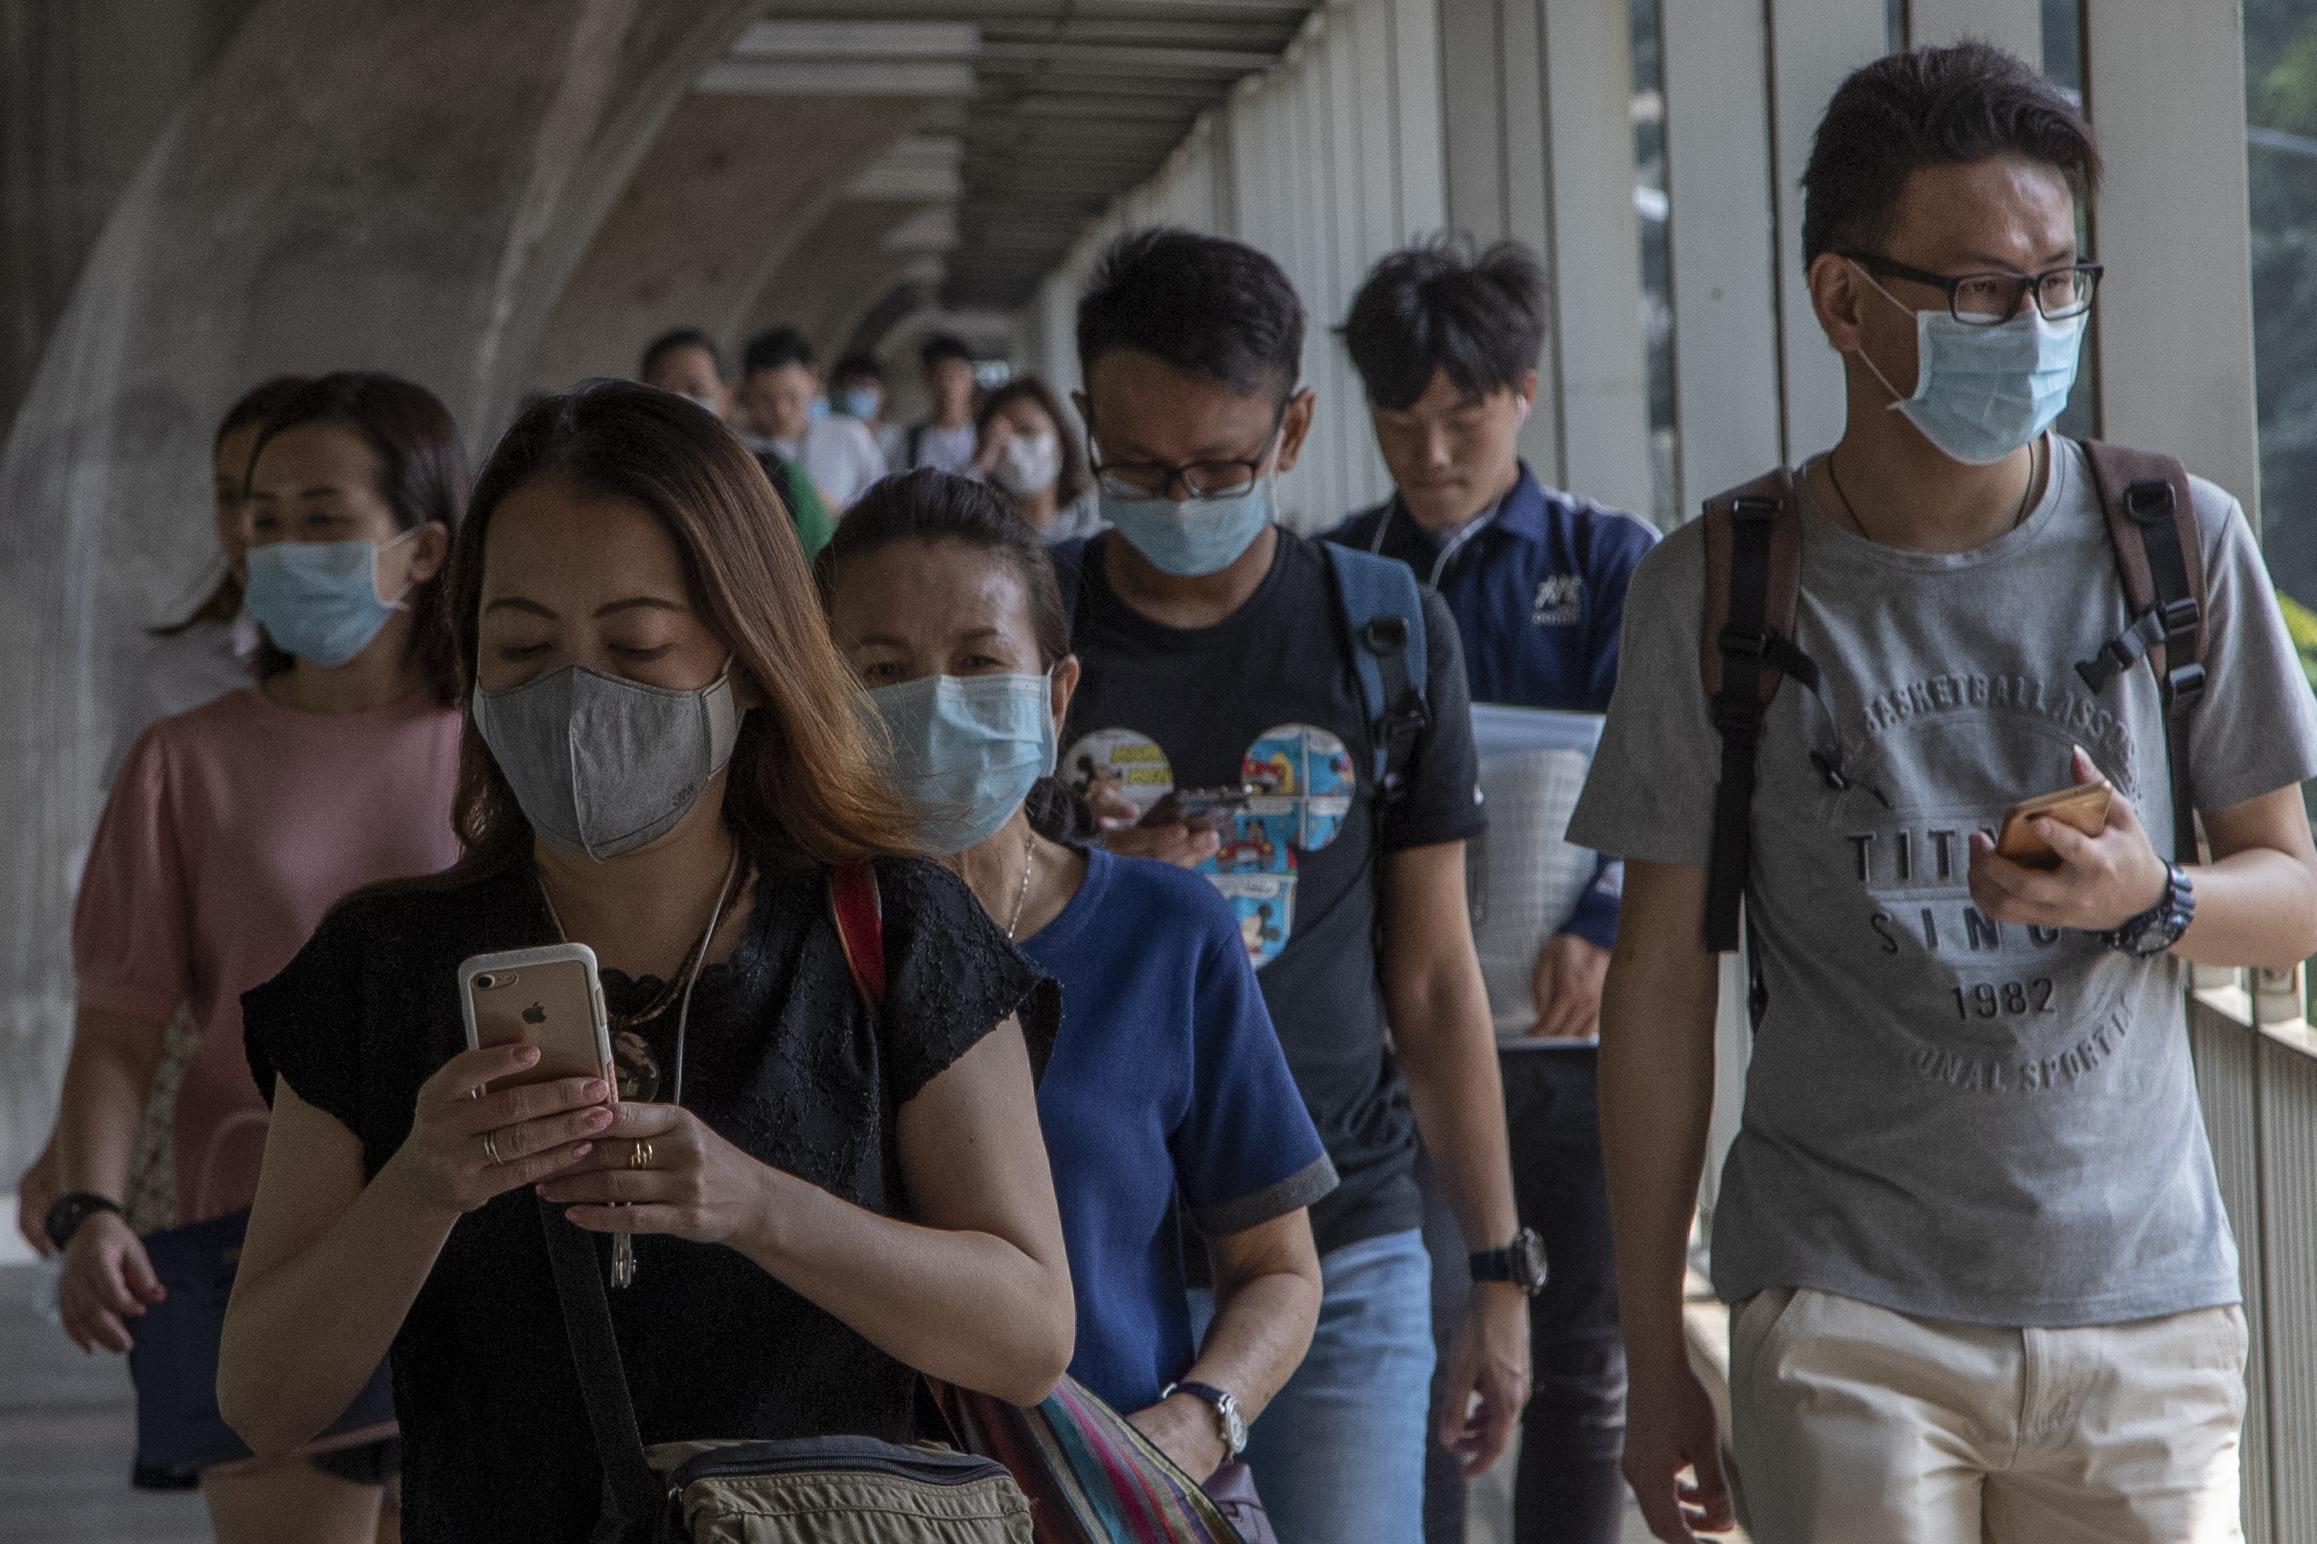 Trưởng khoa Bệnh Nhiệt đới, Bệnh viện Chợ rẫy: Nút chặn sau cùng giúp chống lây nhiễm và phát tán SARS-CoV-2 chính là súc họng với dung dịch sát khuẩn - Ảnh 1.